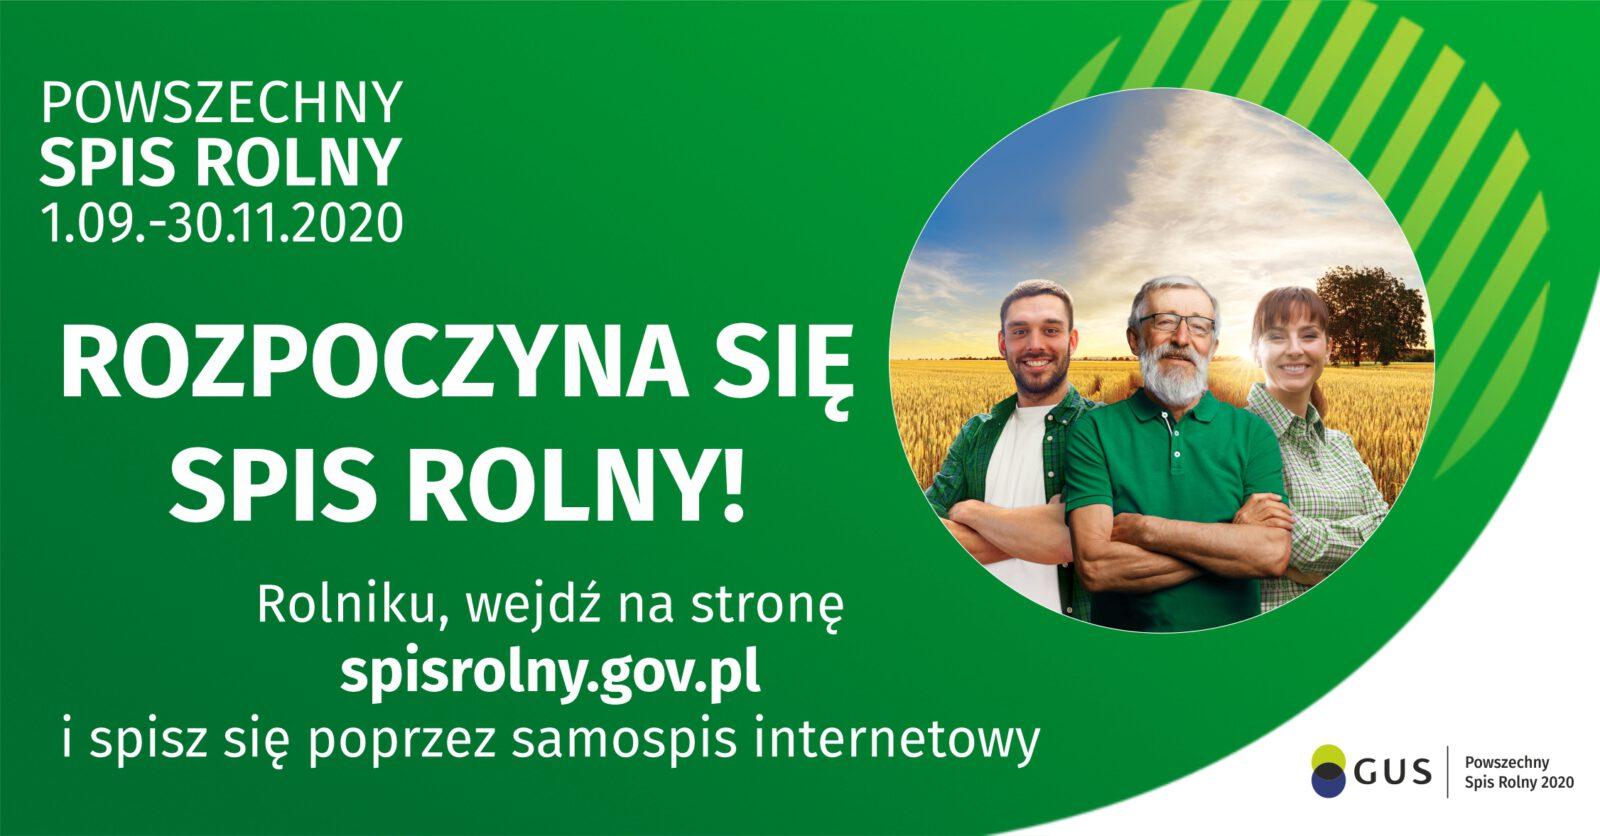 Powszechny spis rolny - rozpoczyna się 01.09.2020 trwa do 30.11.2020